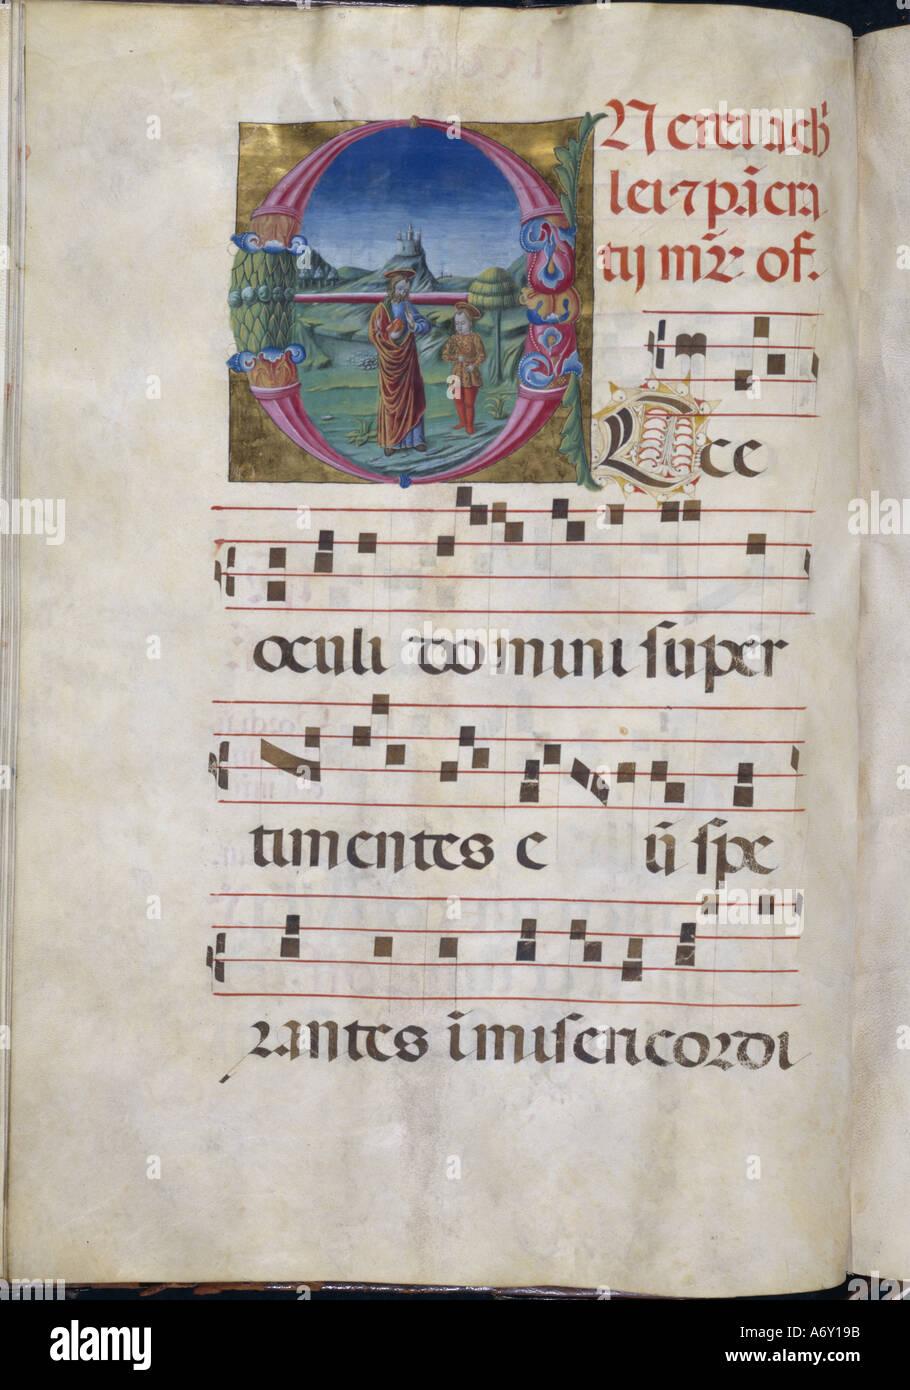 Beleuchtete Buchstaben O. Rotunde Probe. Mittelalterliche. Stockbild